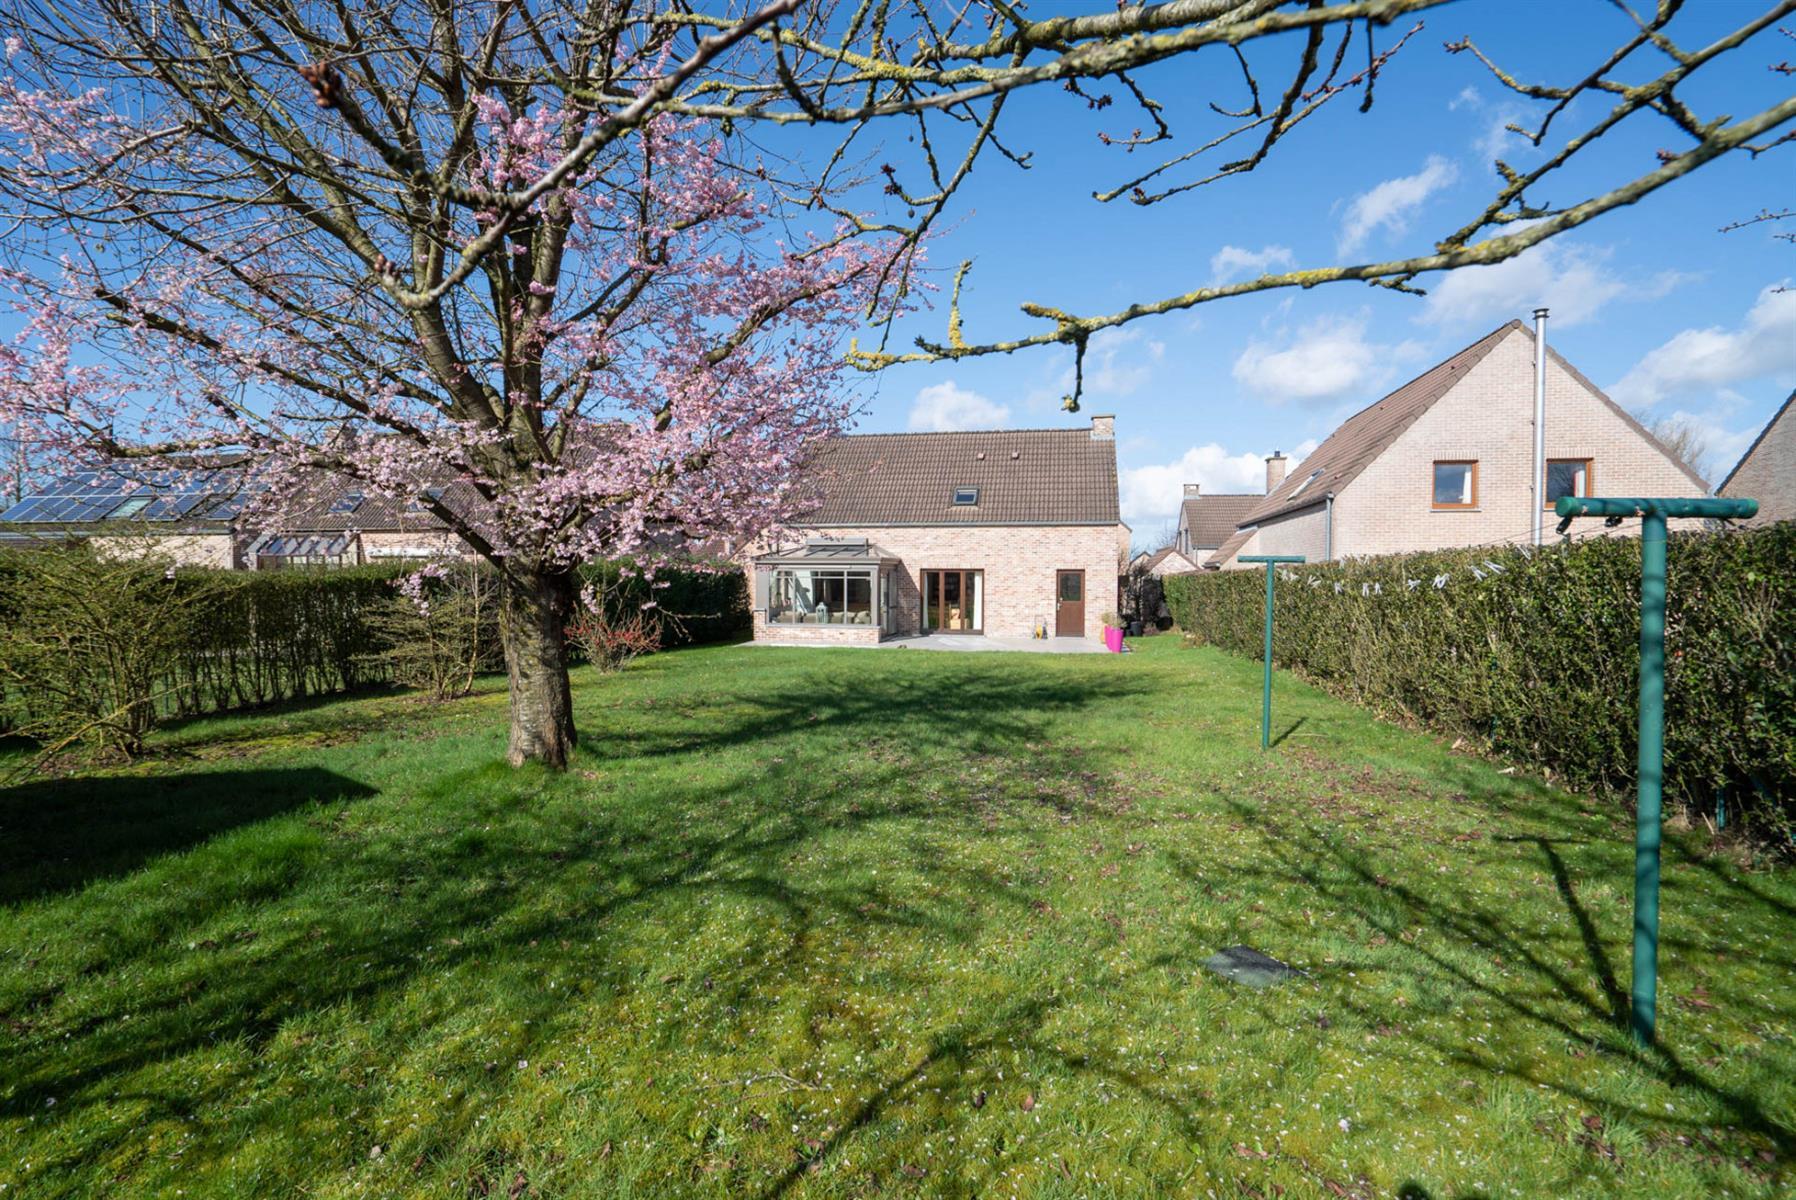 Villa - Chaumont-Gistoux - #4006823-25